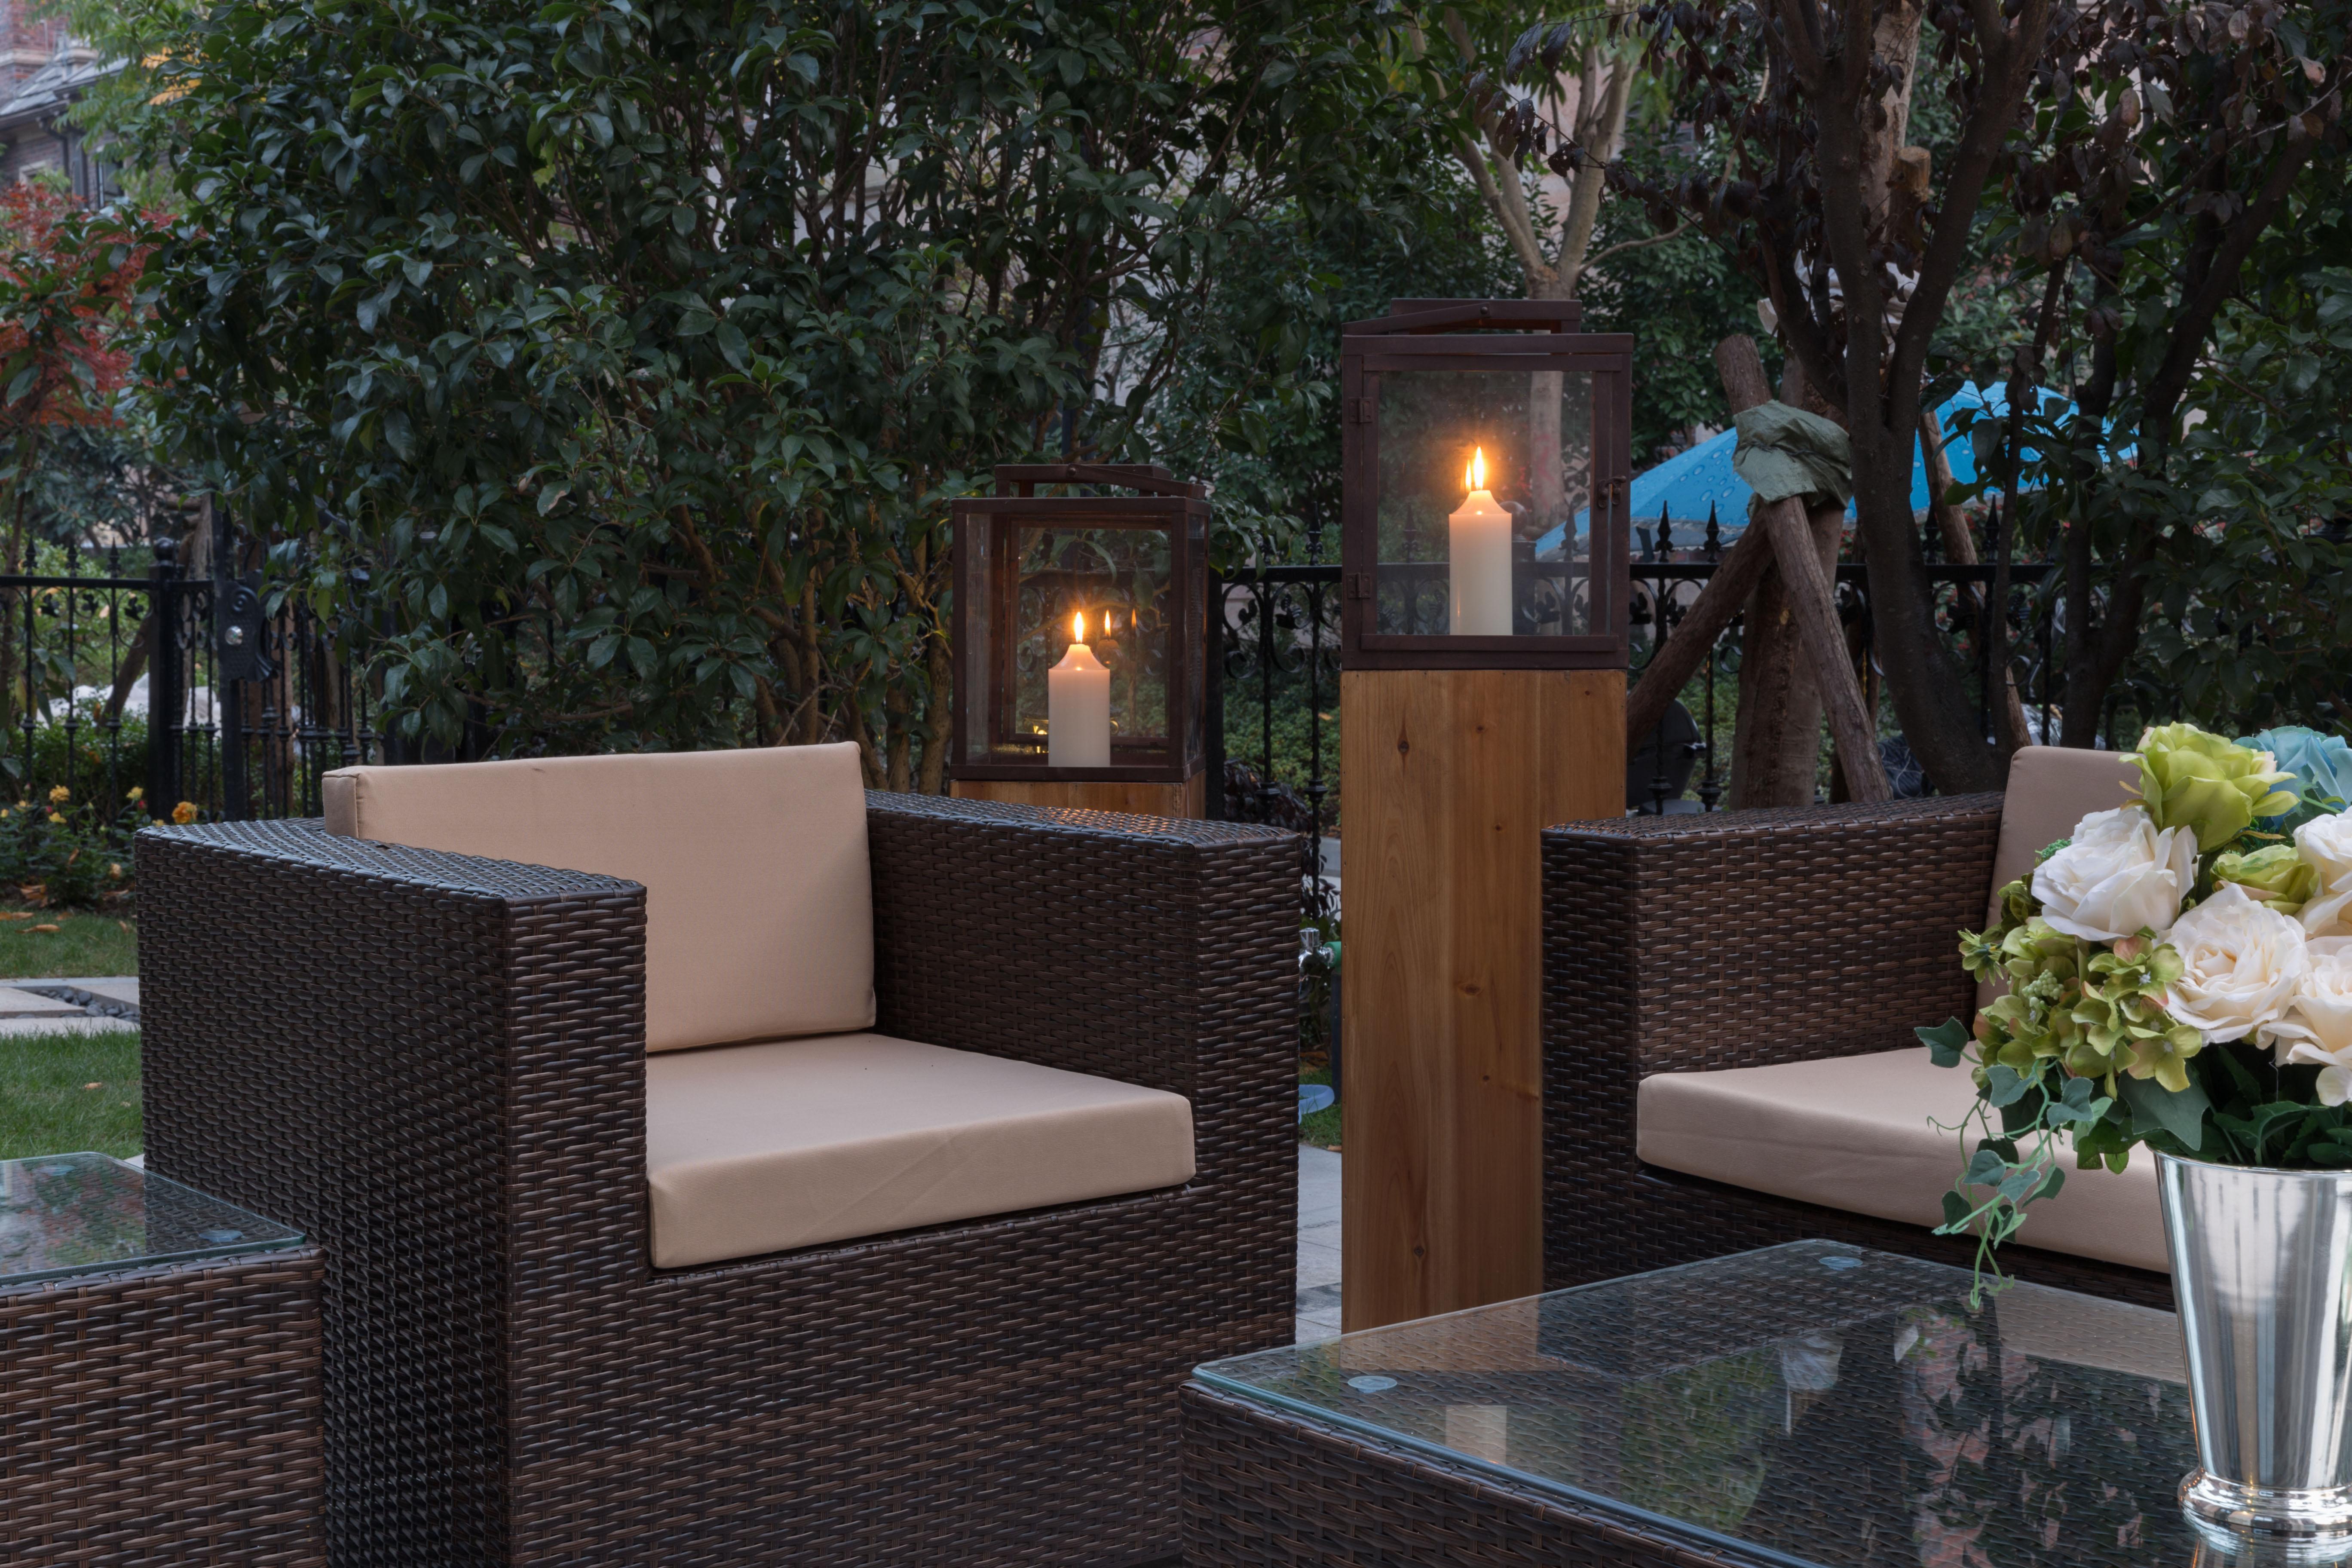 中金海棠湾 别墅装修 美式风格 别墅设计师 腾龙别墅设 阳台图片来自孔继民在中金海棠湾别墅美式风格设计方案的分享